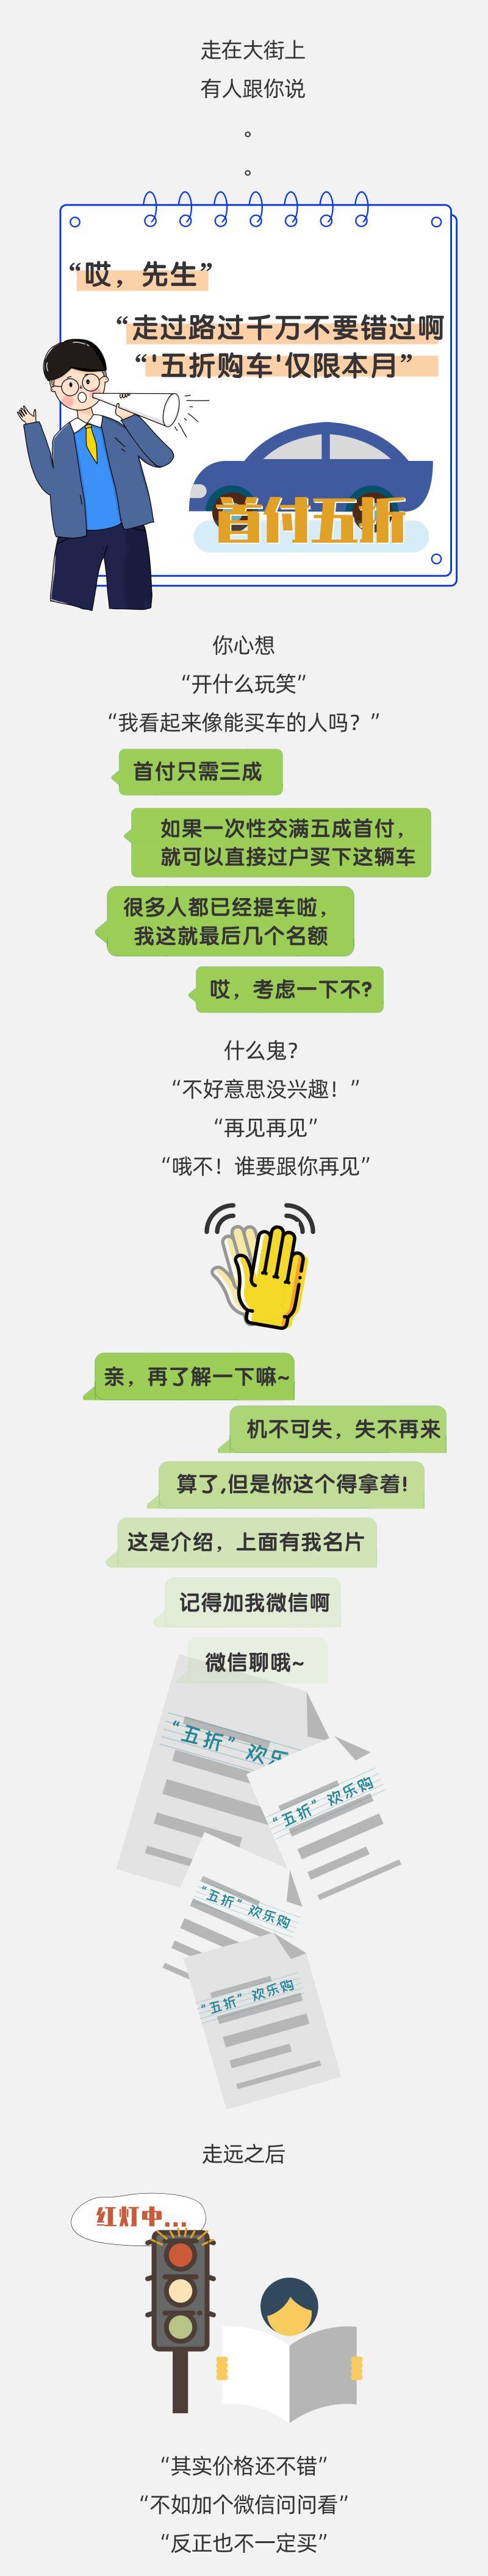 """小心车钱两空!""""五折购车""""骗了上百人逾千万元"""